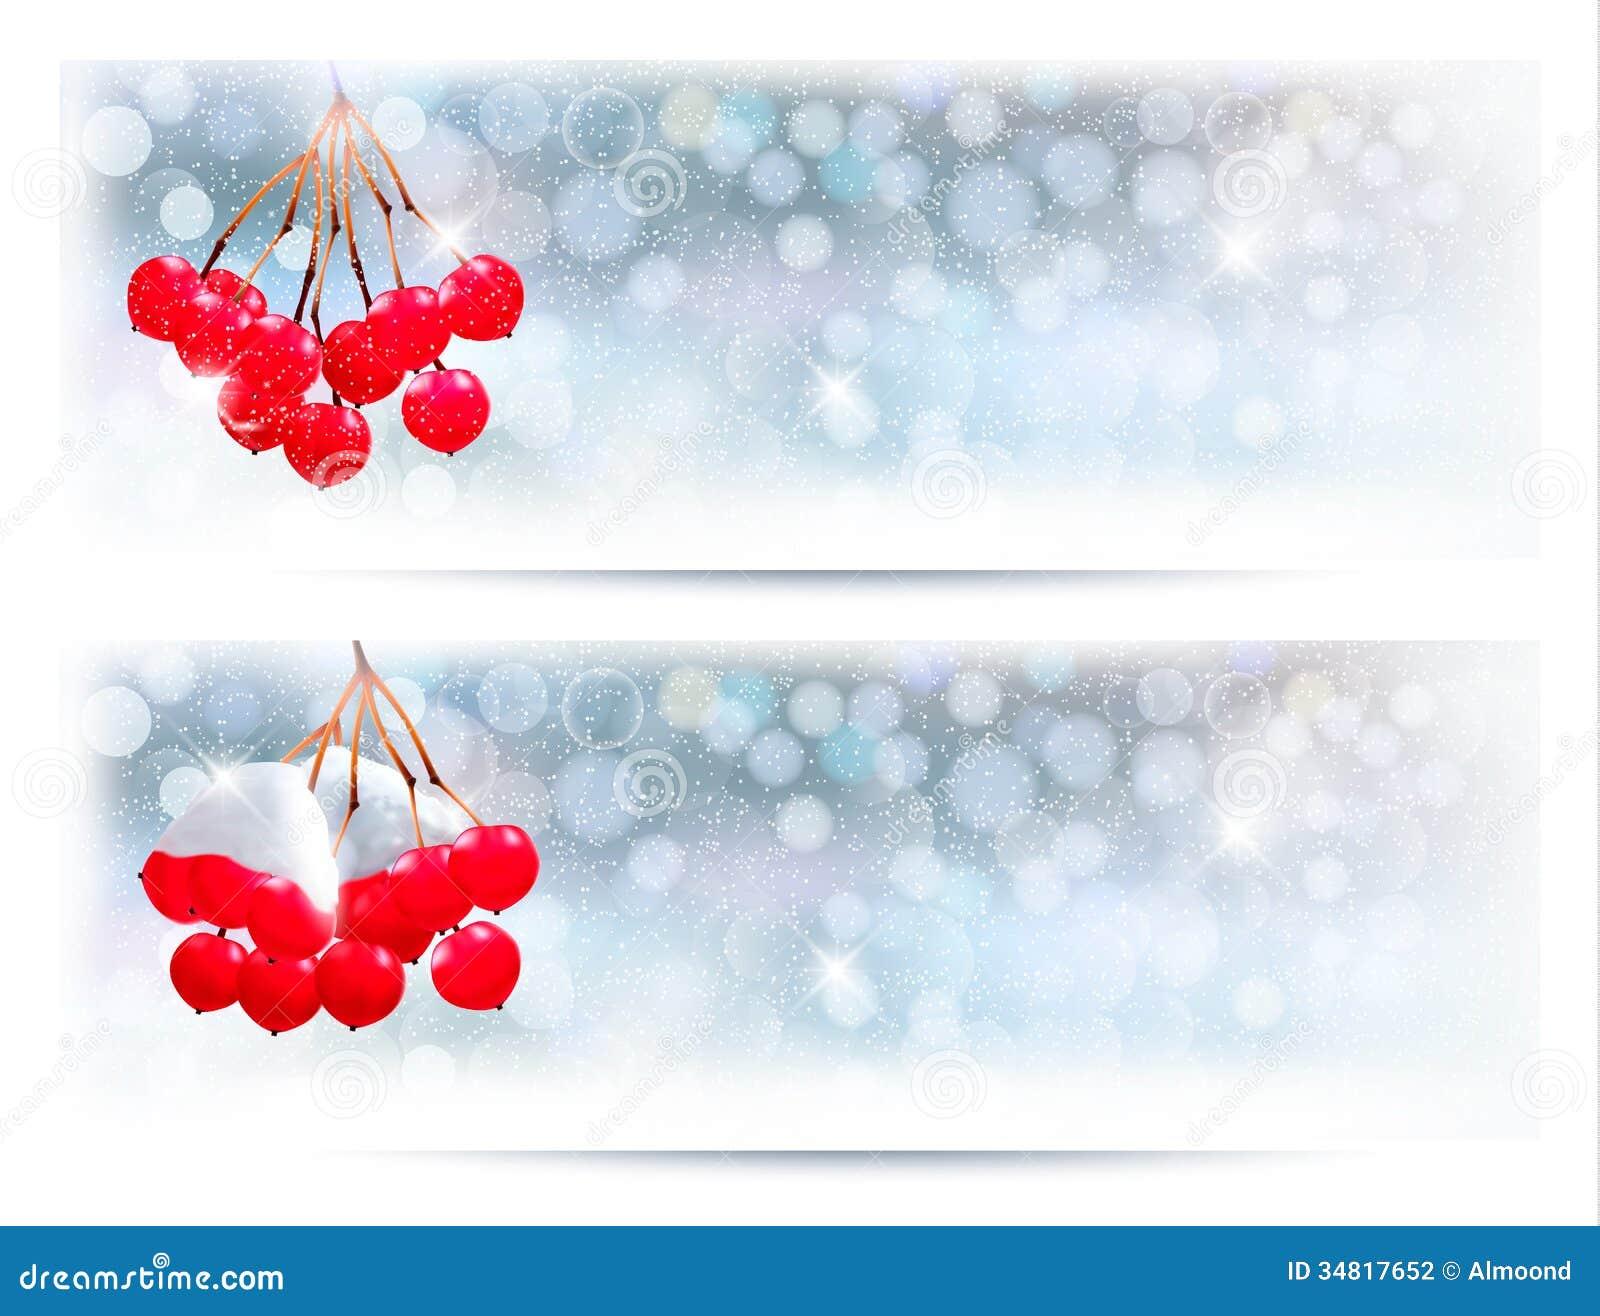 fond de no l avec le ruban rouge de cadeau avec le gif photographie stock image 34817652. Black Bedroom Furniture Sets. Home Design Ideas